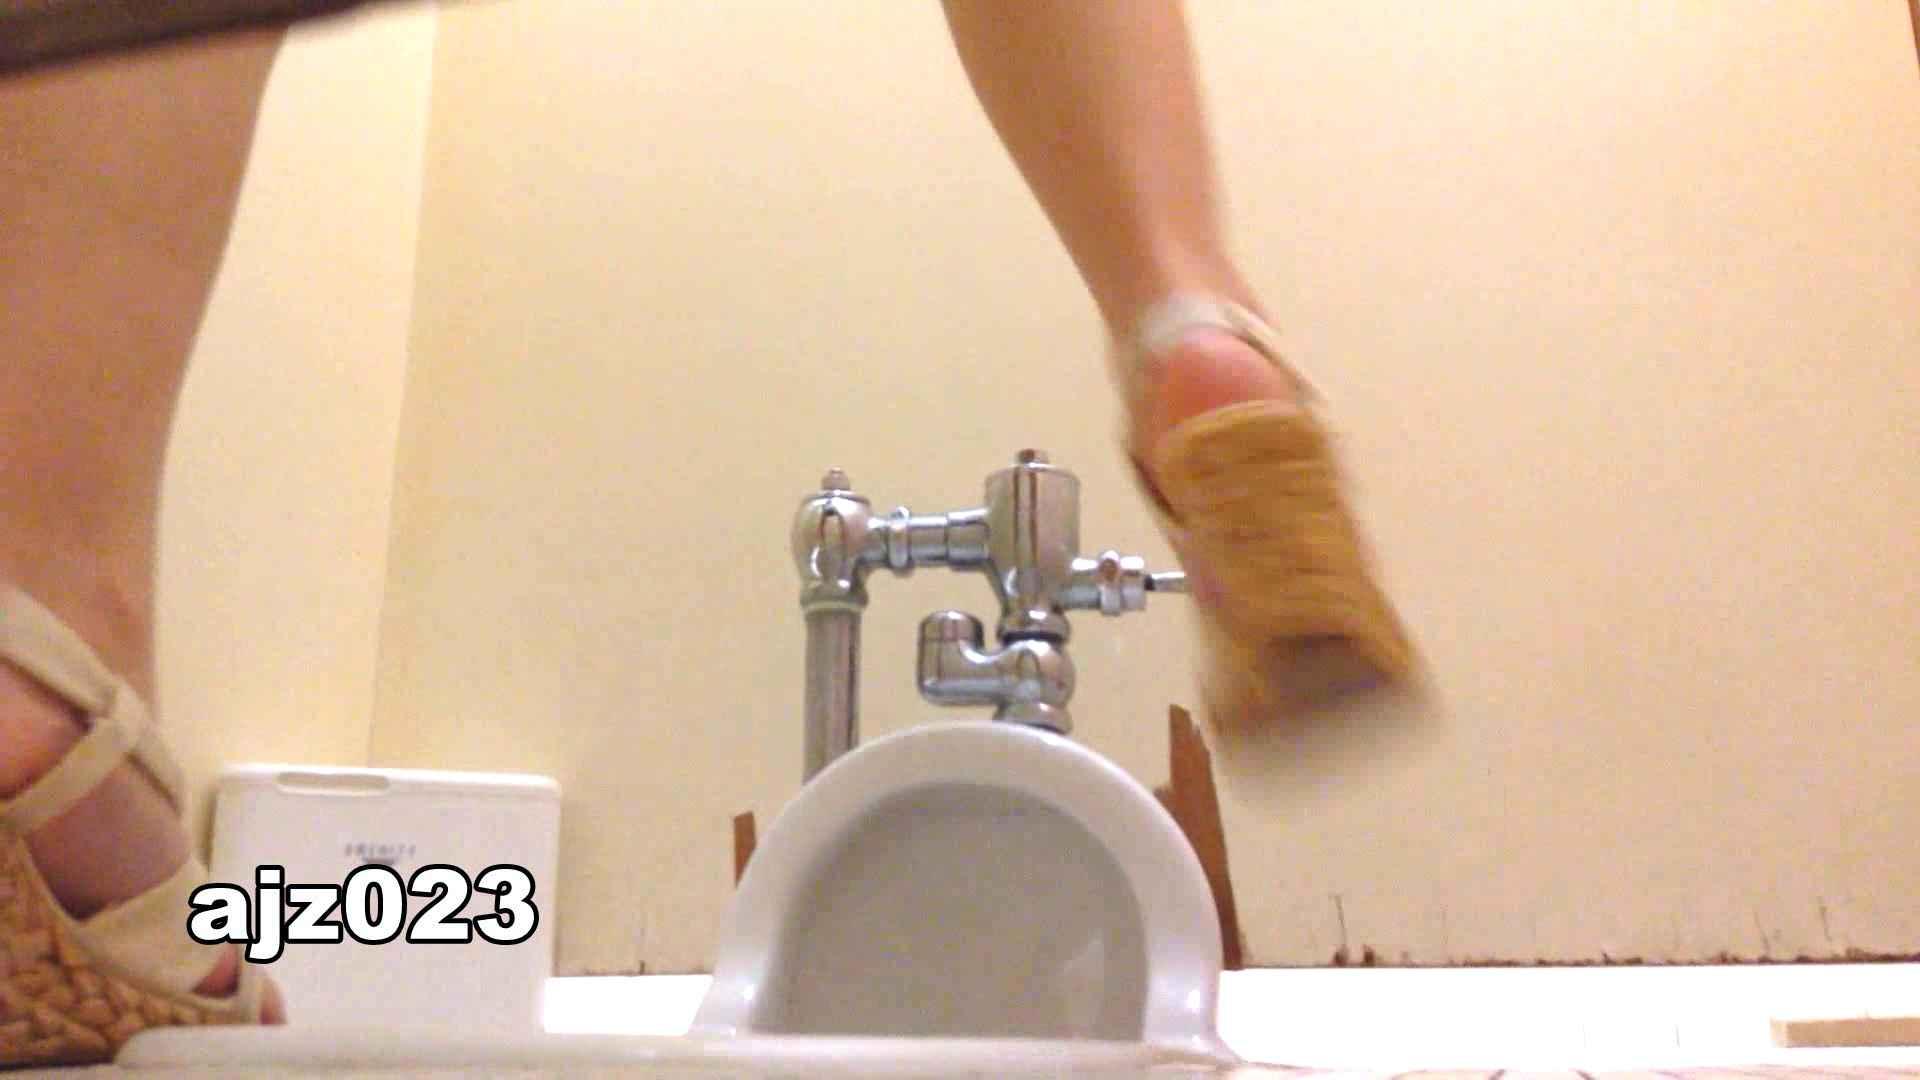 某有名大学女性洗面所 vol.23 排泄 スケベ動画紹介 64PIX 5